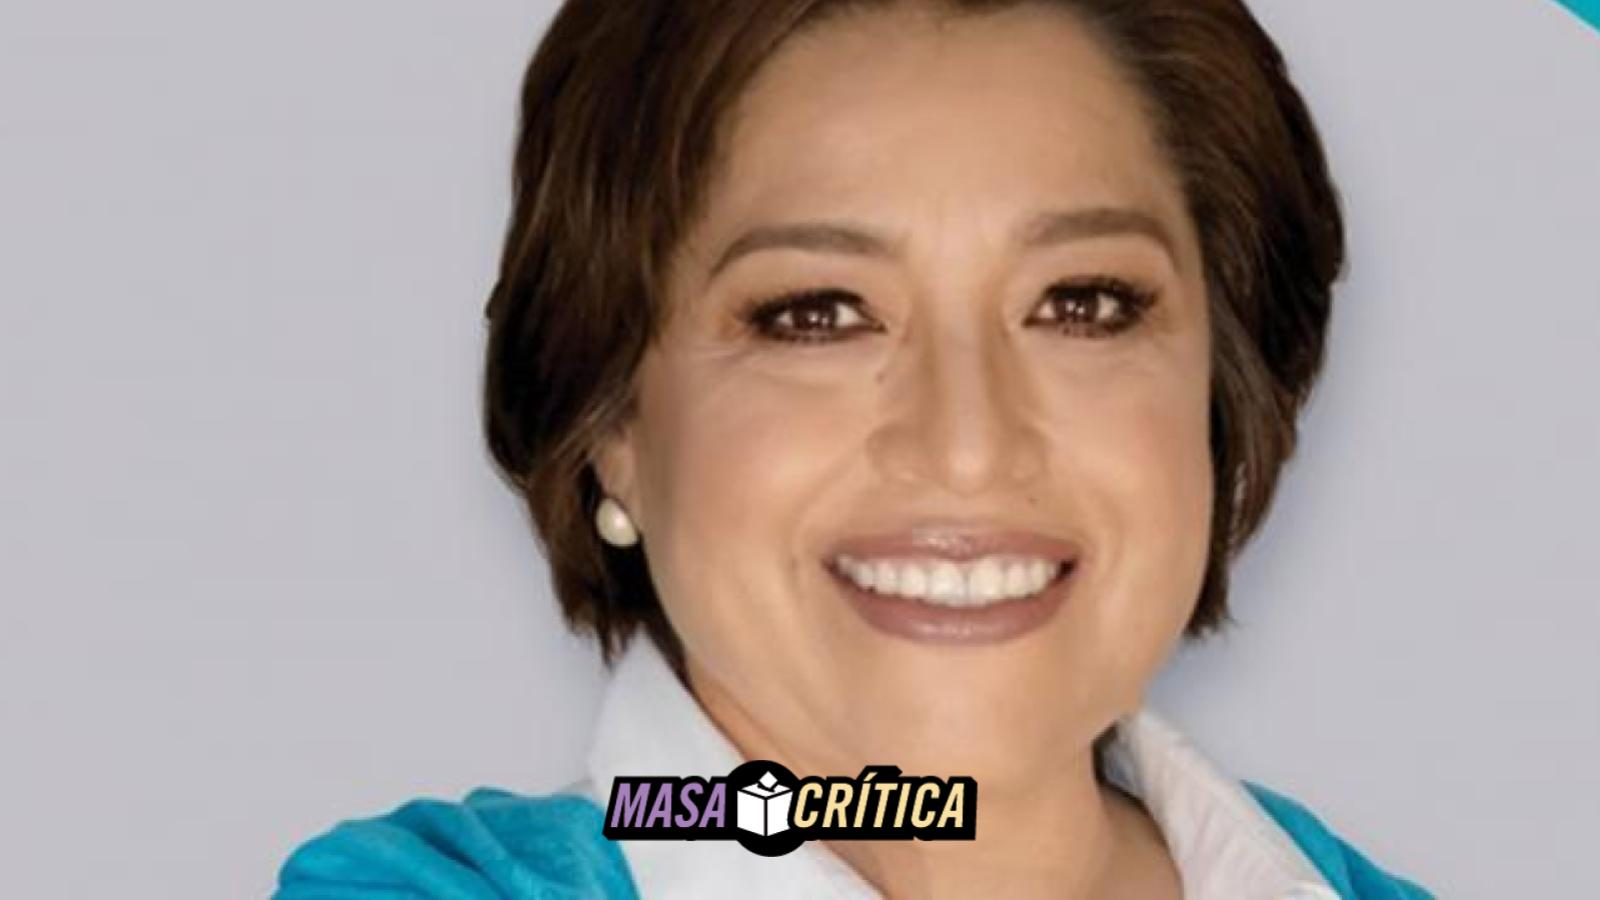 Candidata a Gobernadora de Guanajuato hace campaña... sin salir a calle